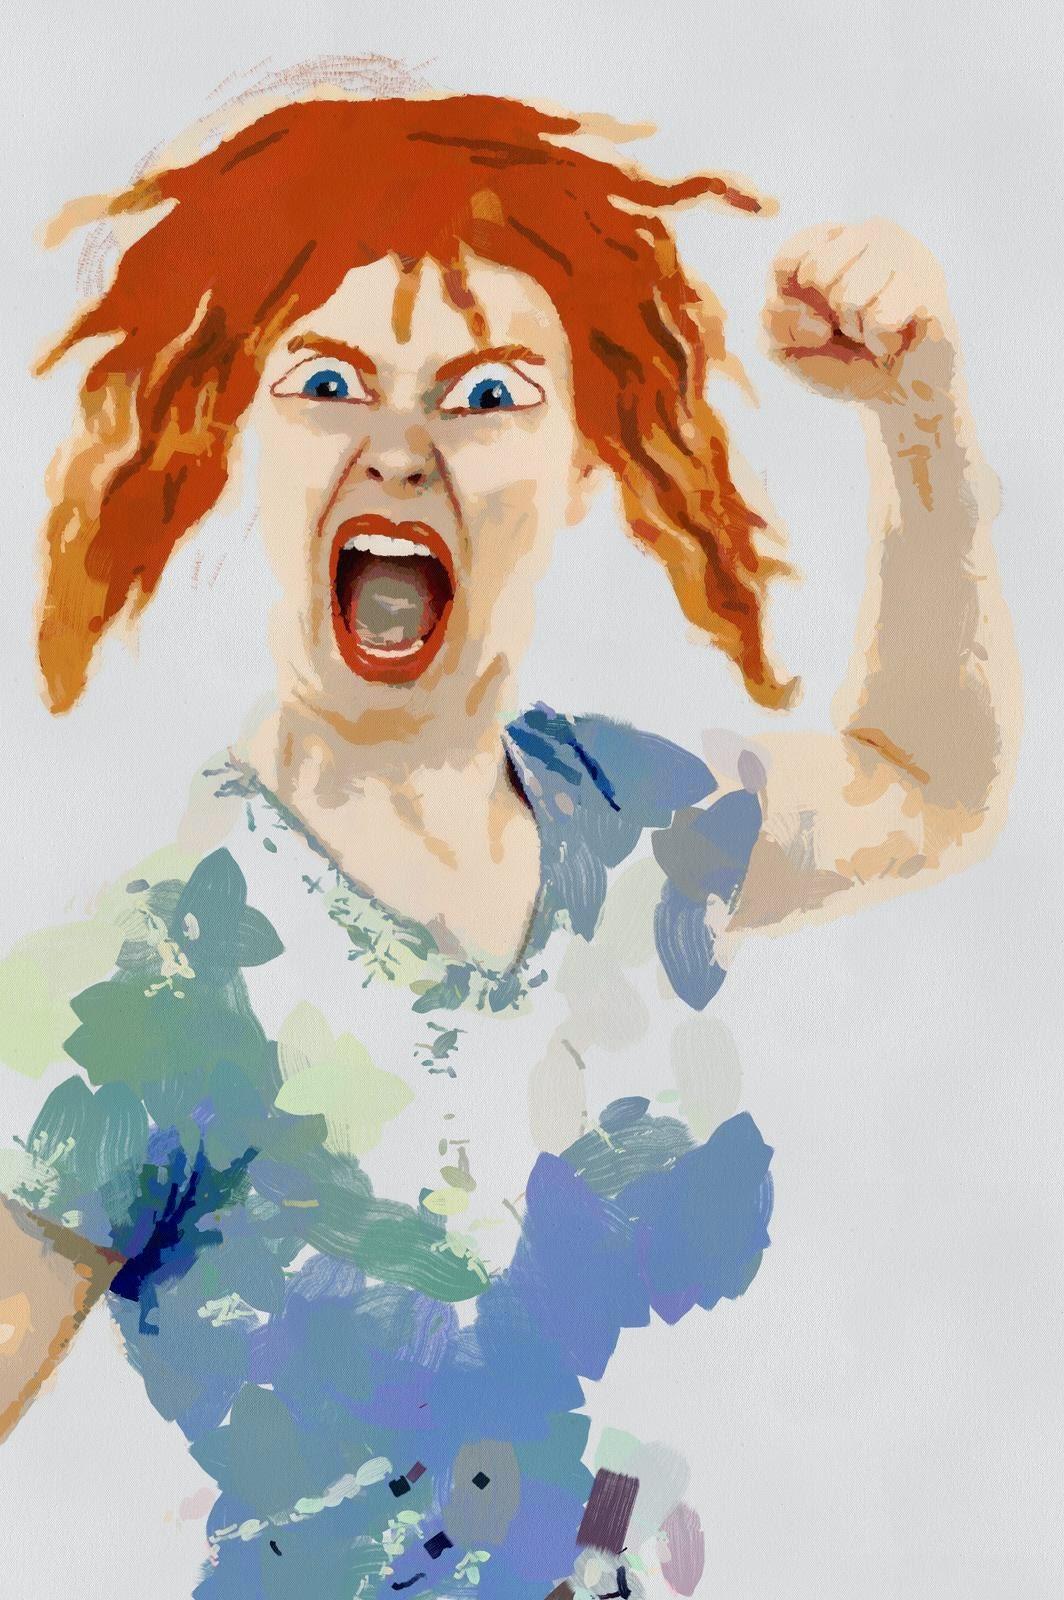 كيف تسيطر على الغضب والانفعالات السلبية بسهولة